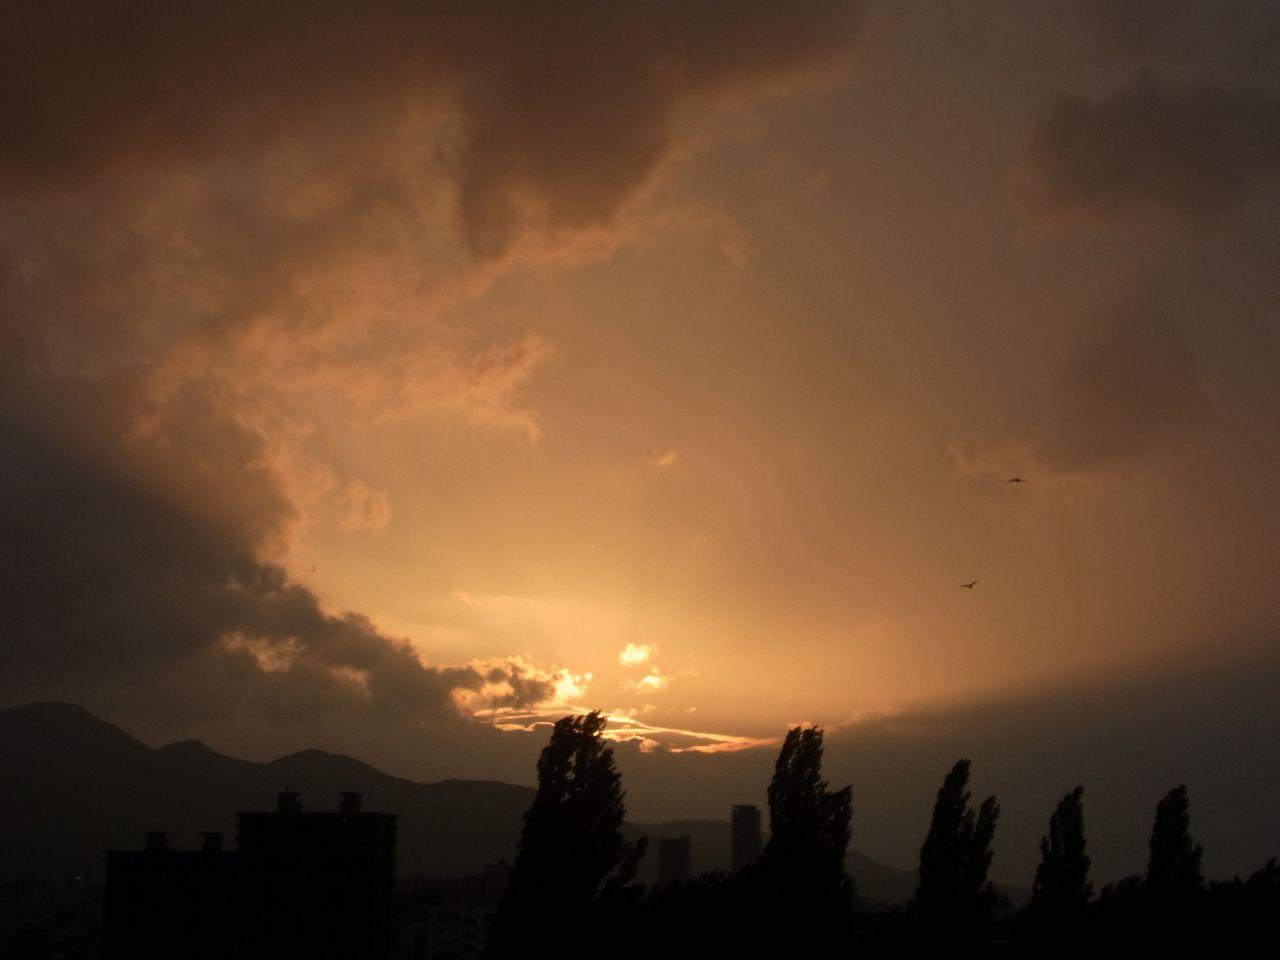 【今日の一枚】6日連続真夏日の夕暮れ_c0025115_19191135.jpg